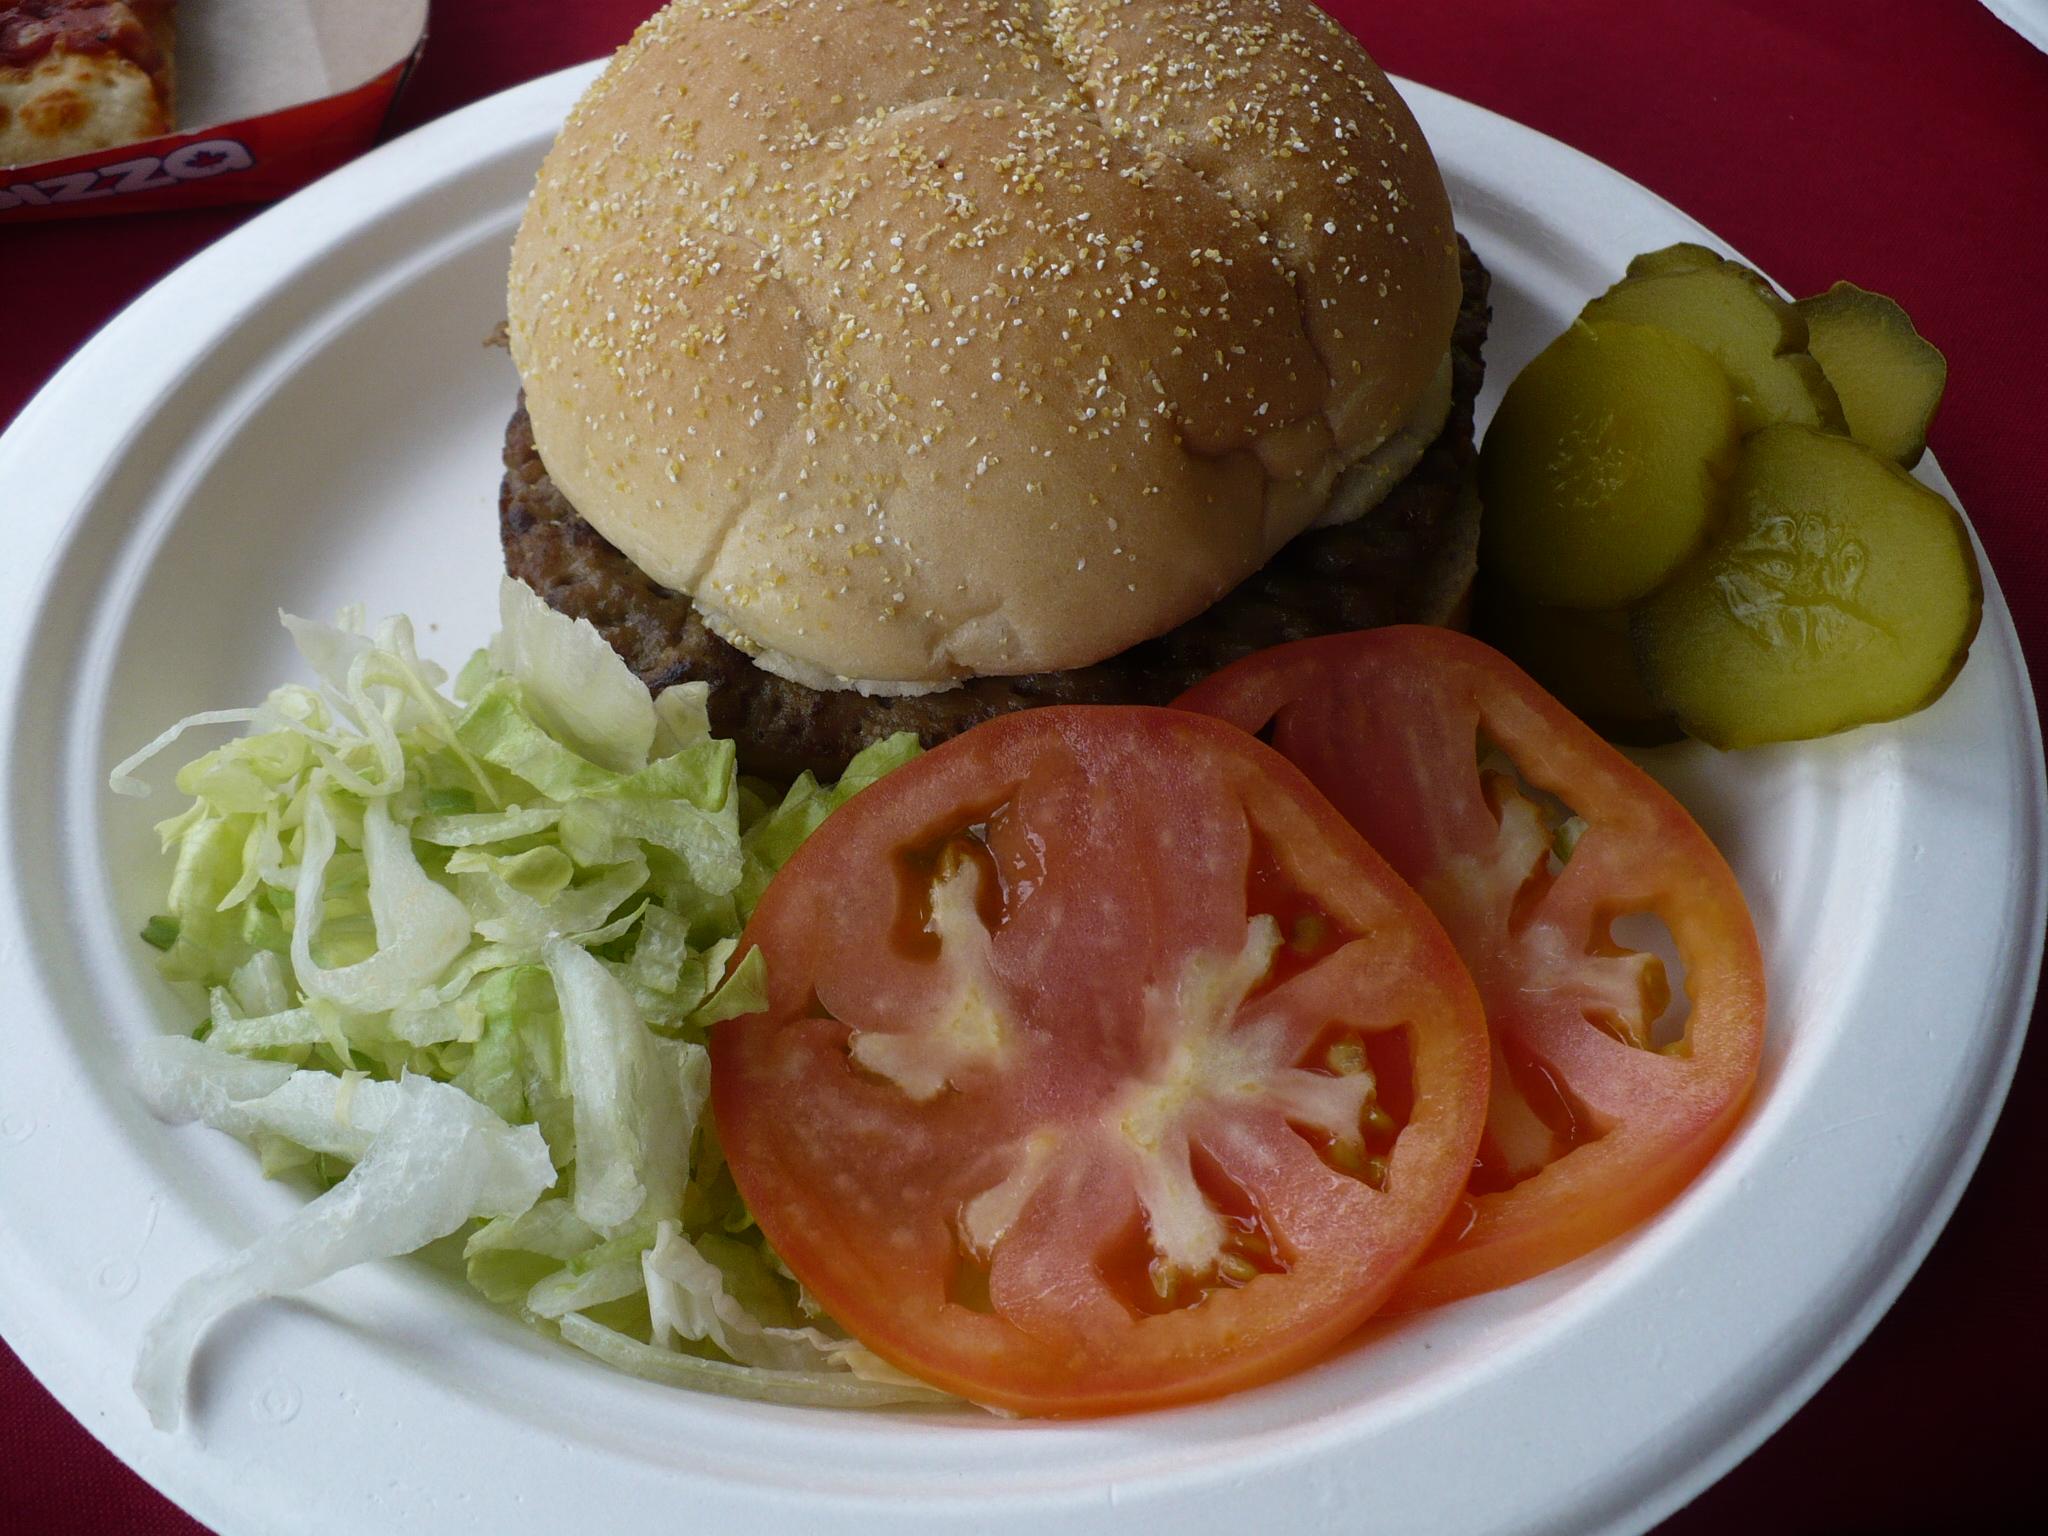 http://foodloader.net/cutie_2010-07-24_burger.jpg